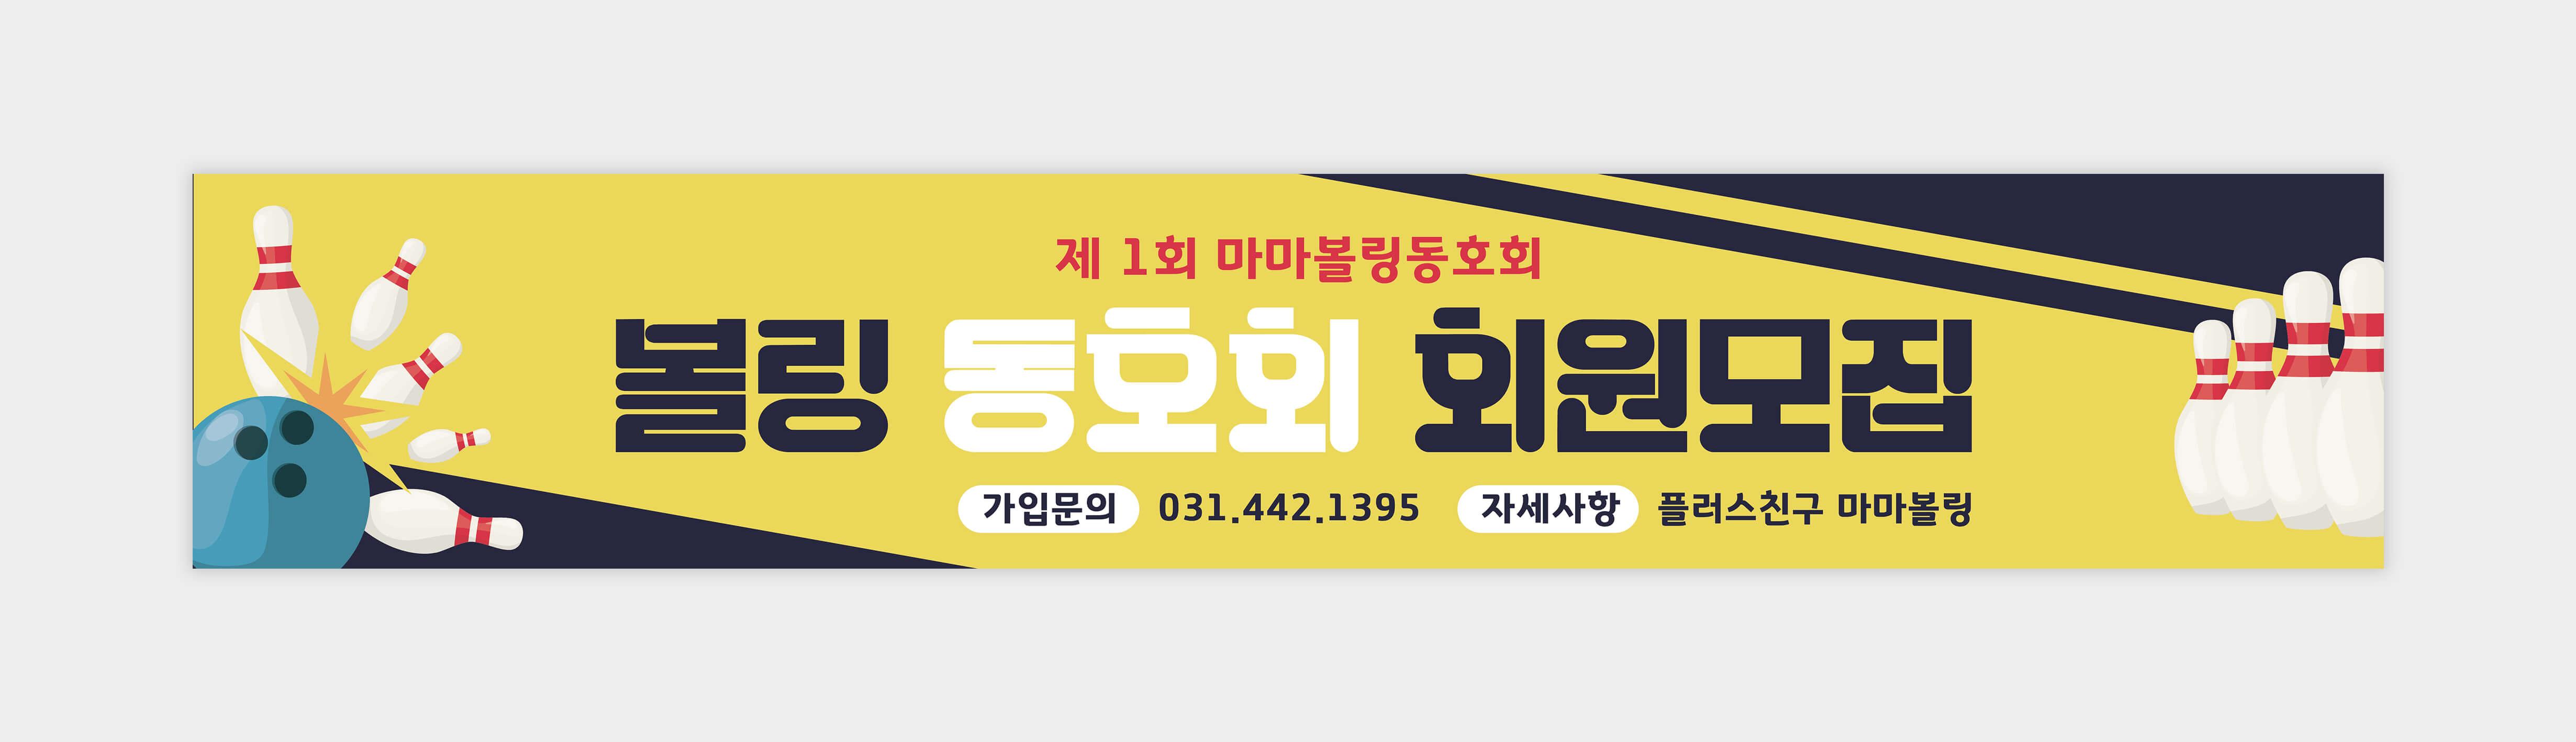 현수막_082